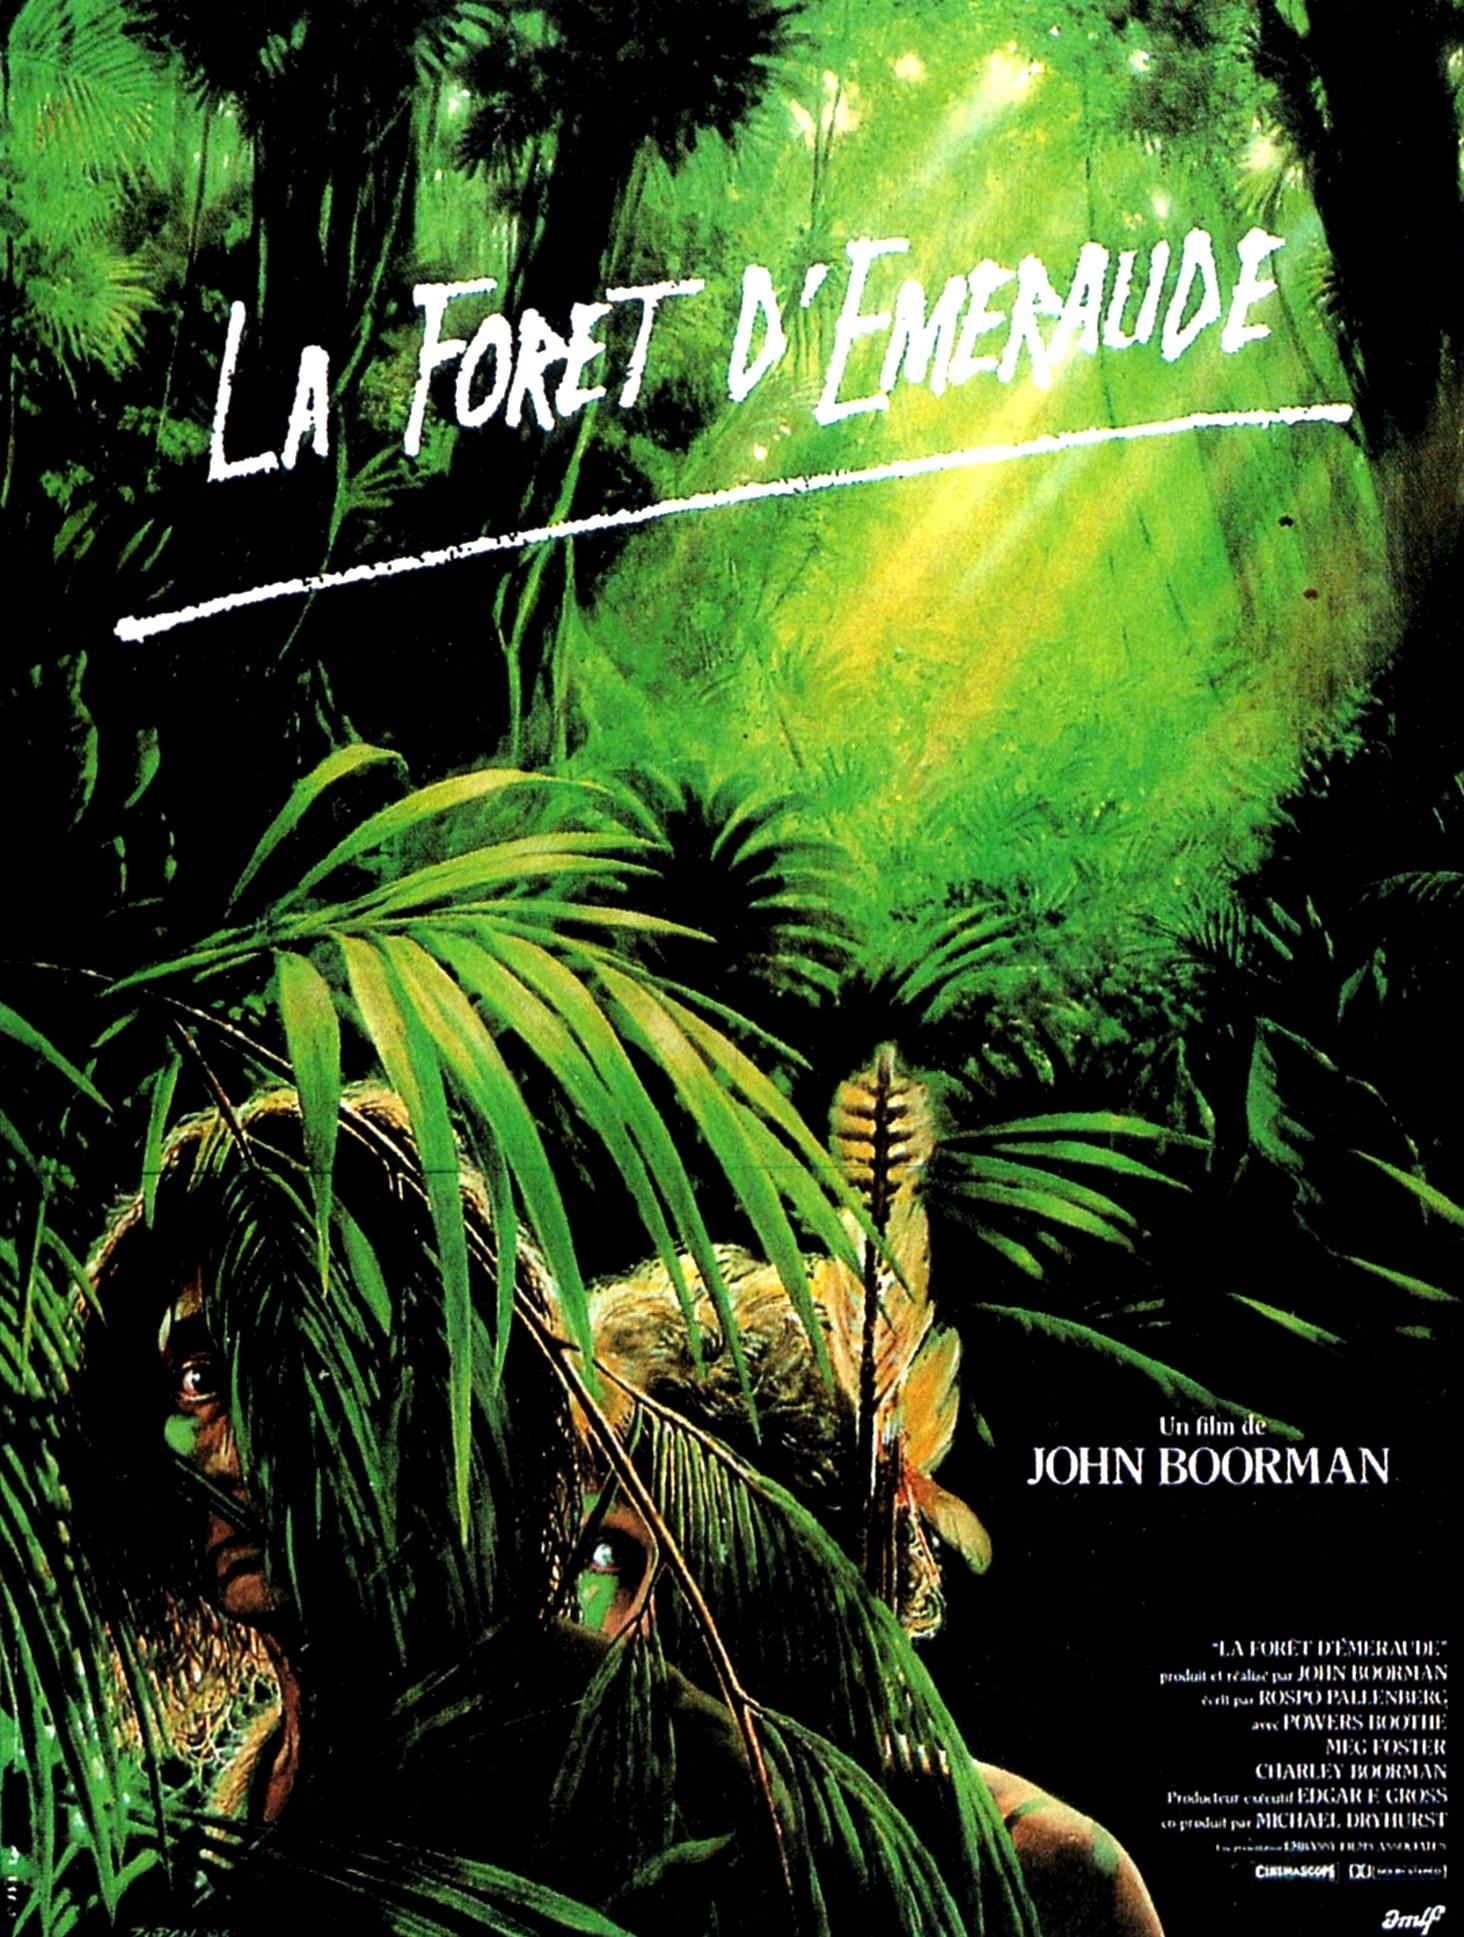 affiche du film La forêt d'émeraude